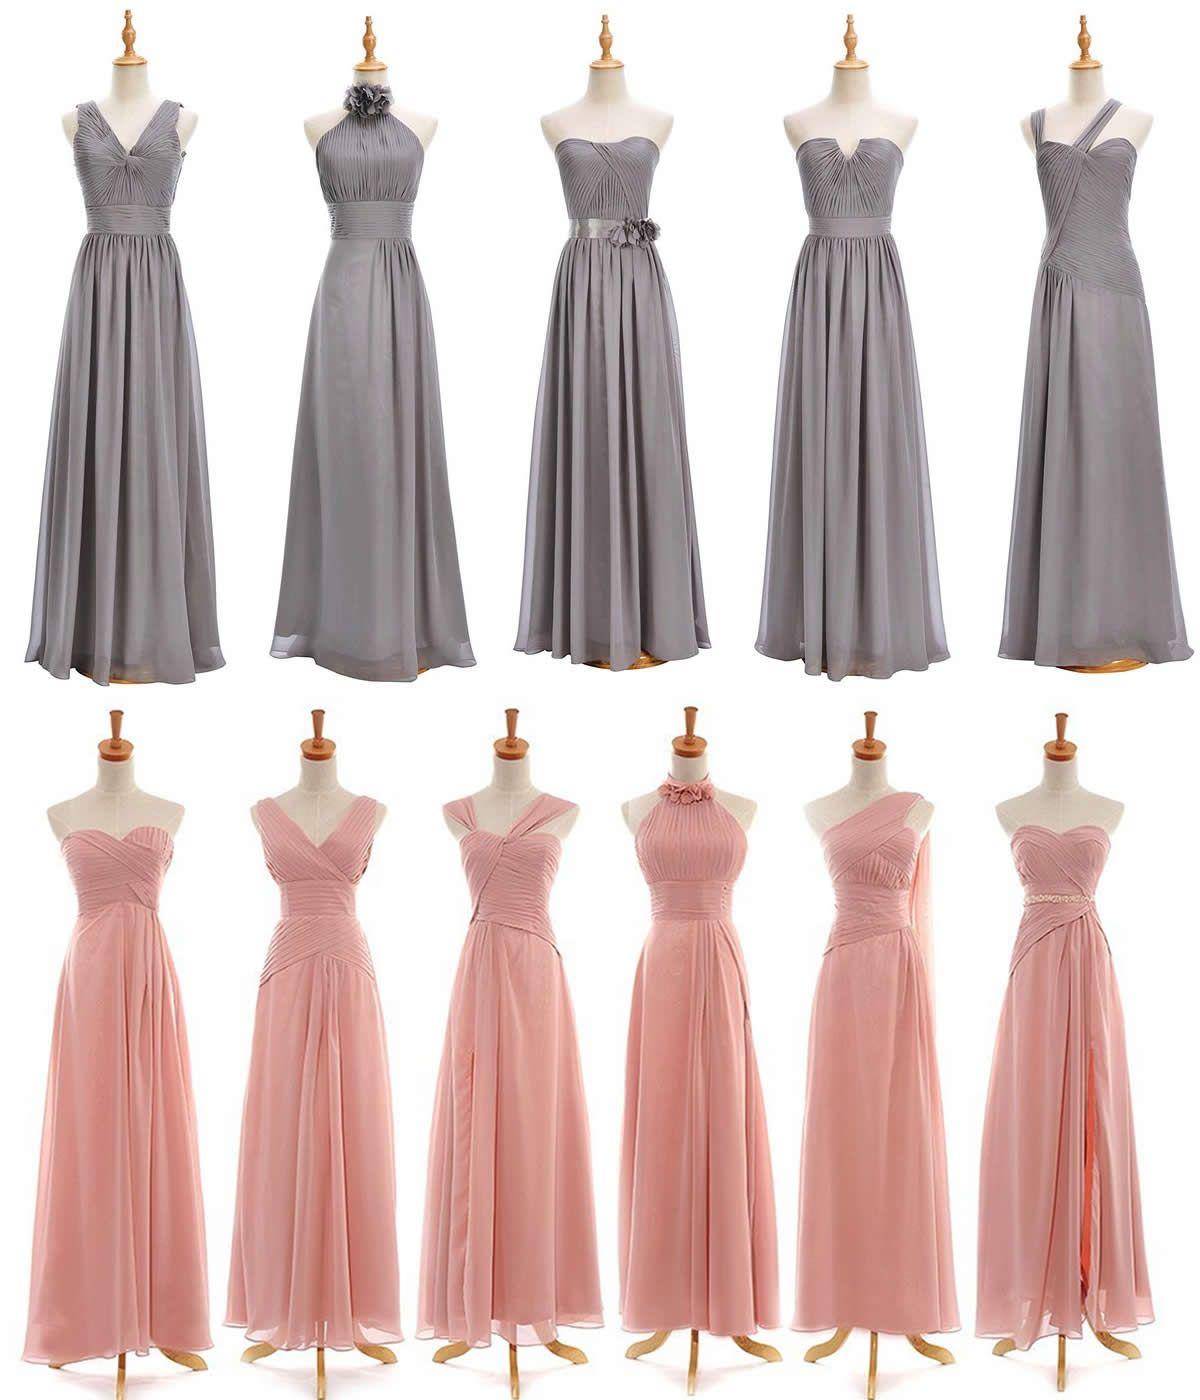 Pink bridesmaid dressessilver chiffon long floorlength bridesmaid